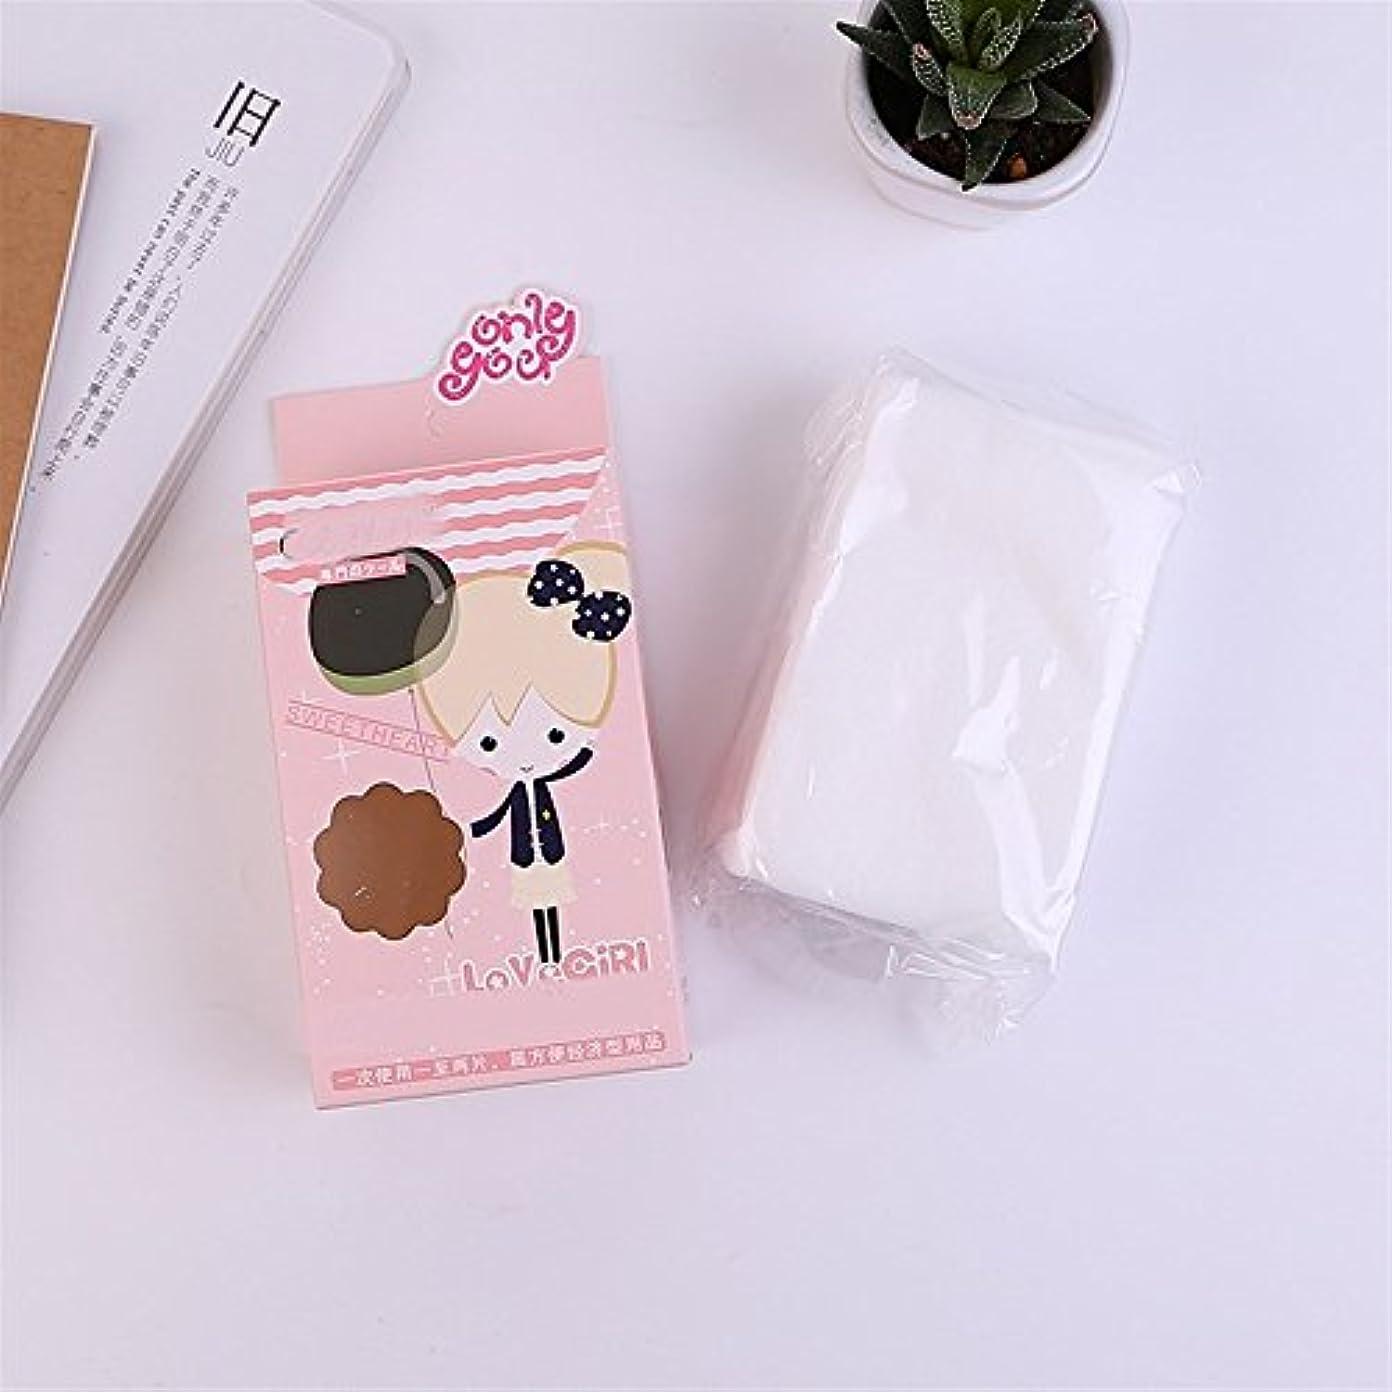 粘性の温室独占Aorunji 柔らかい 旅行ポータブルソフトフェイシャルティッシュソフト不織布ホワイト化粧メイクアップフェイシャルクリーニングリムーバパッドタオルワイプ